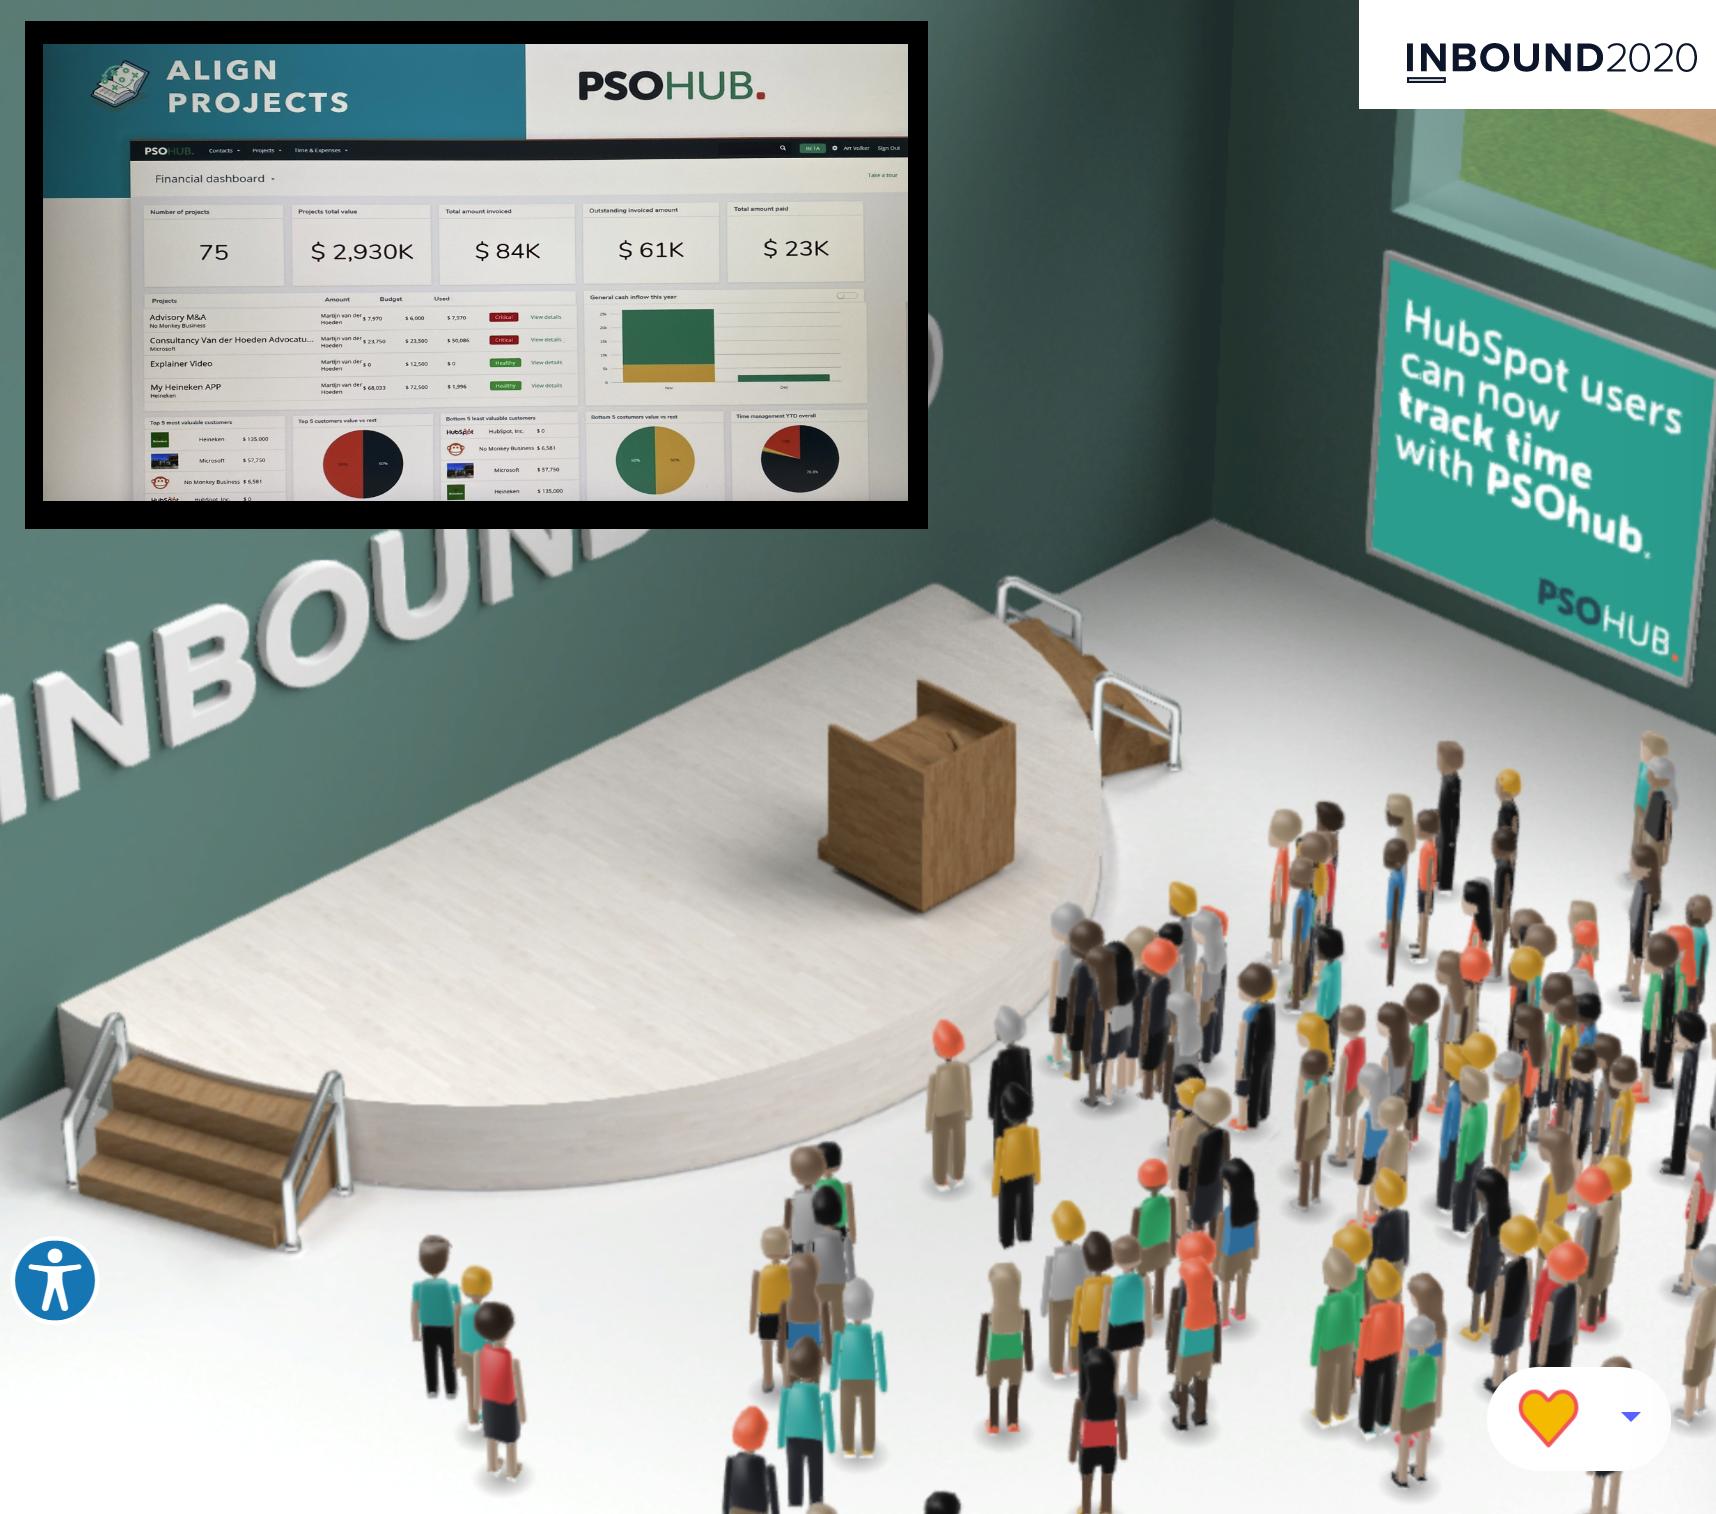 inbound_psohub_hubspot_integration